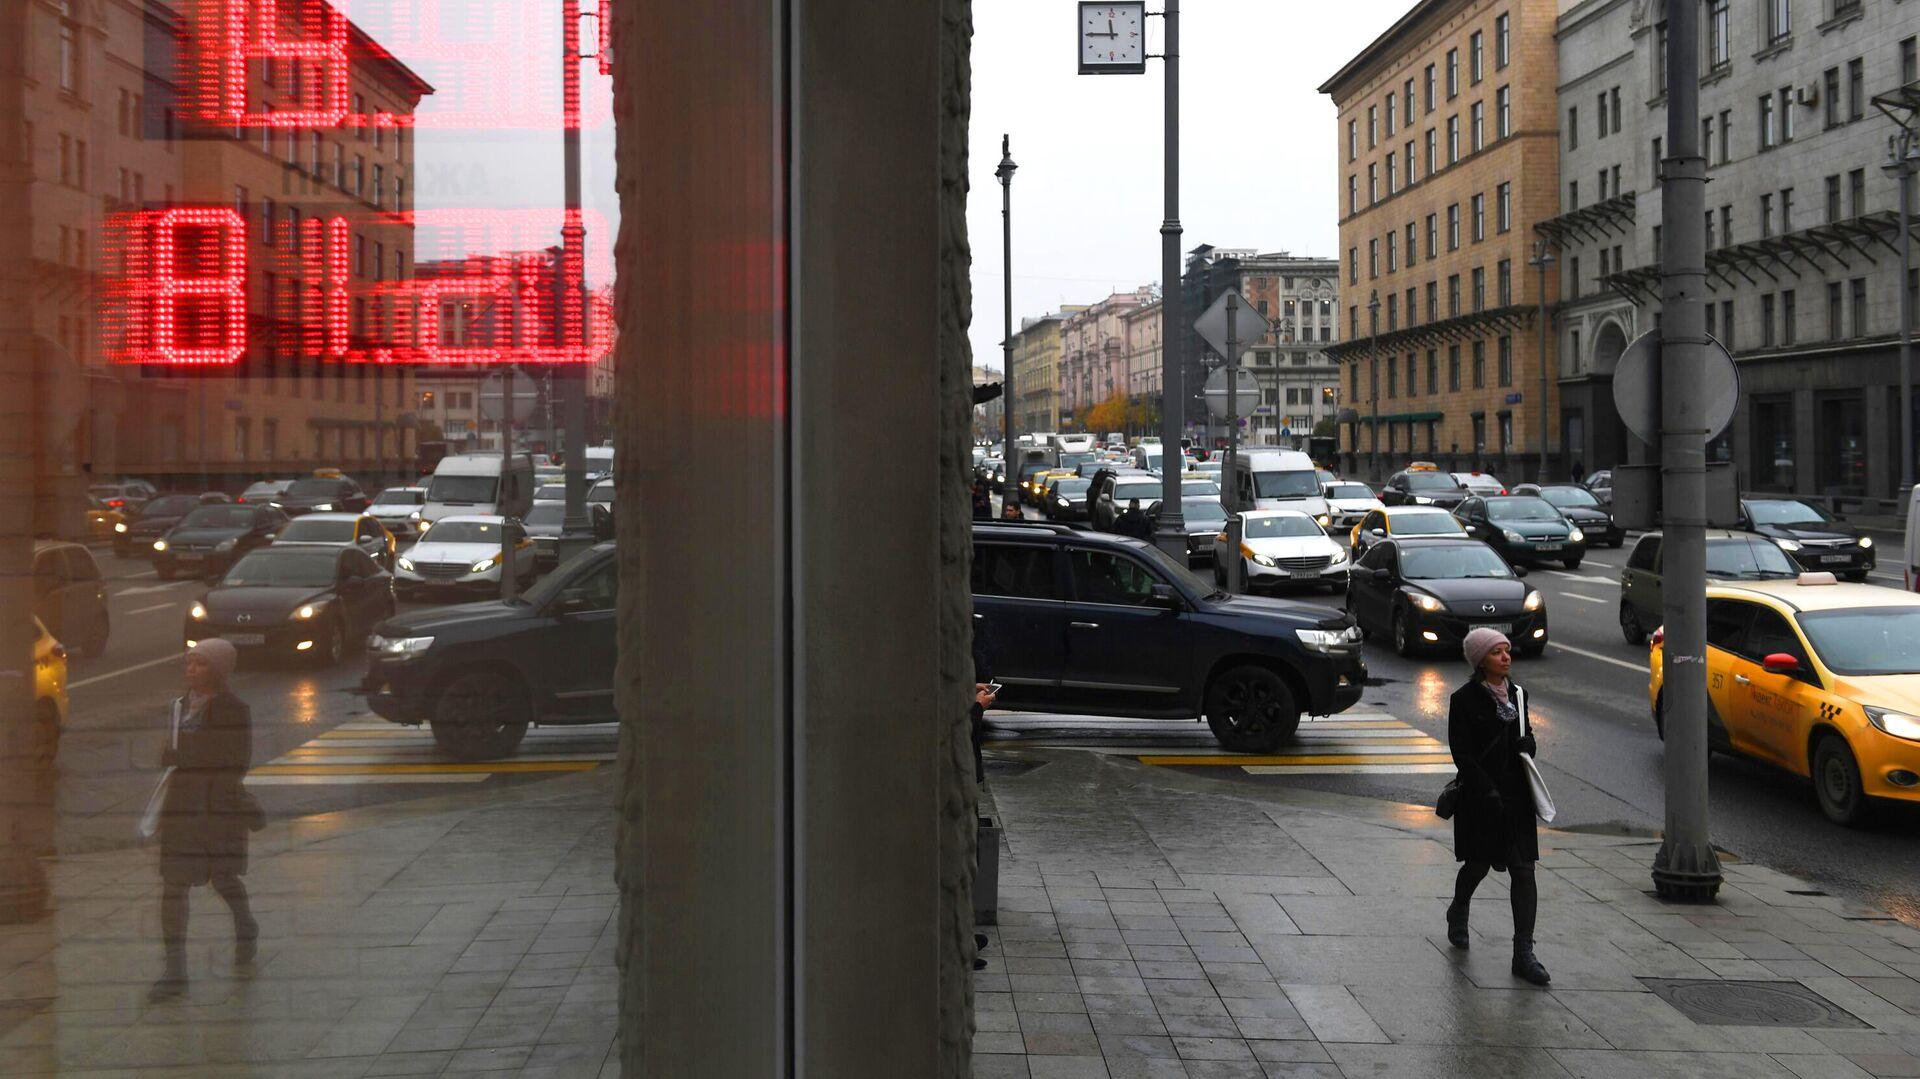 Отражение электронного табло с курсами валют на одной из улиц в Москве - РИА Новости, 1920, 01.02.2021